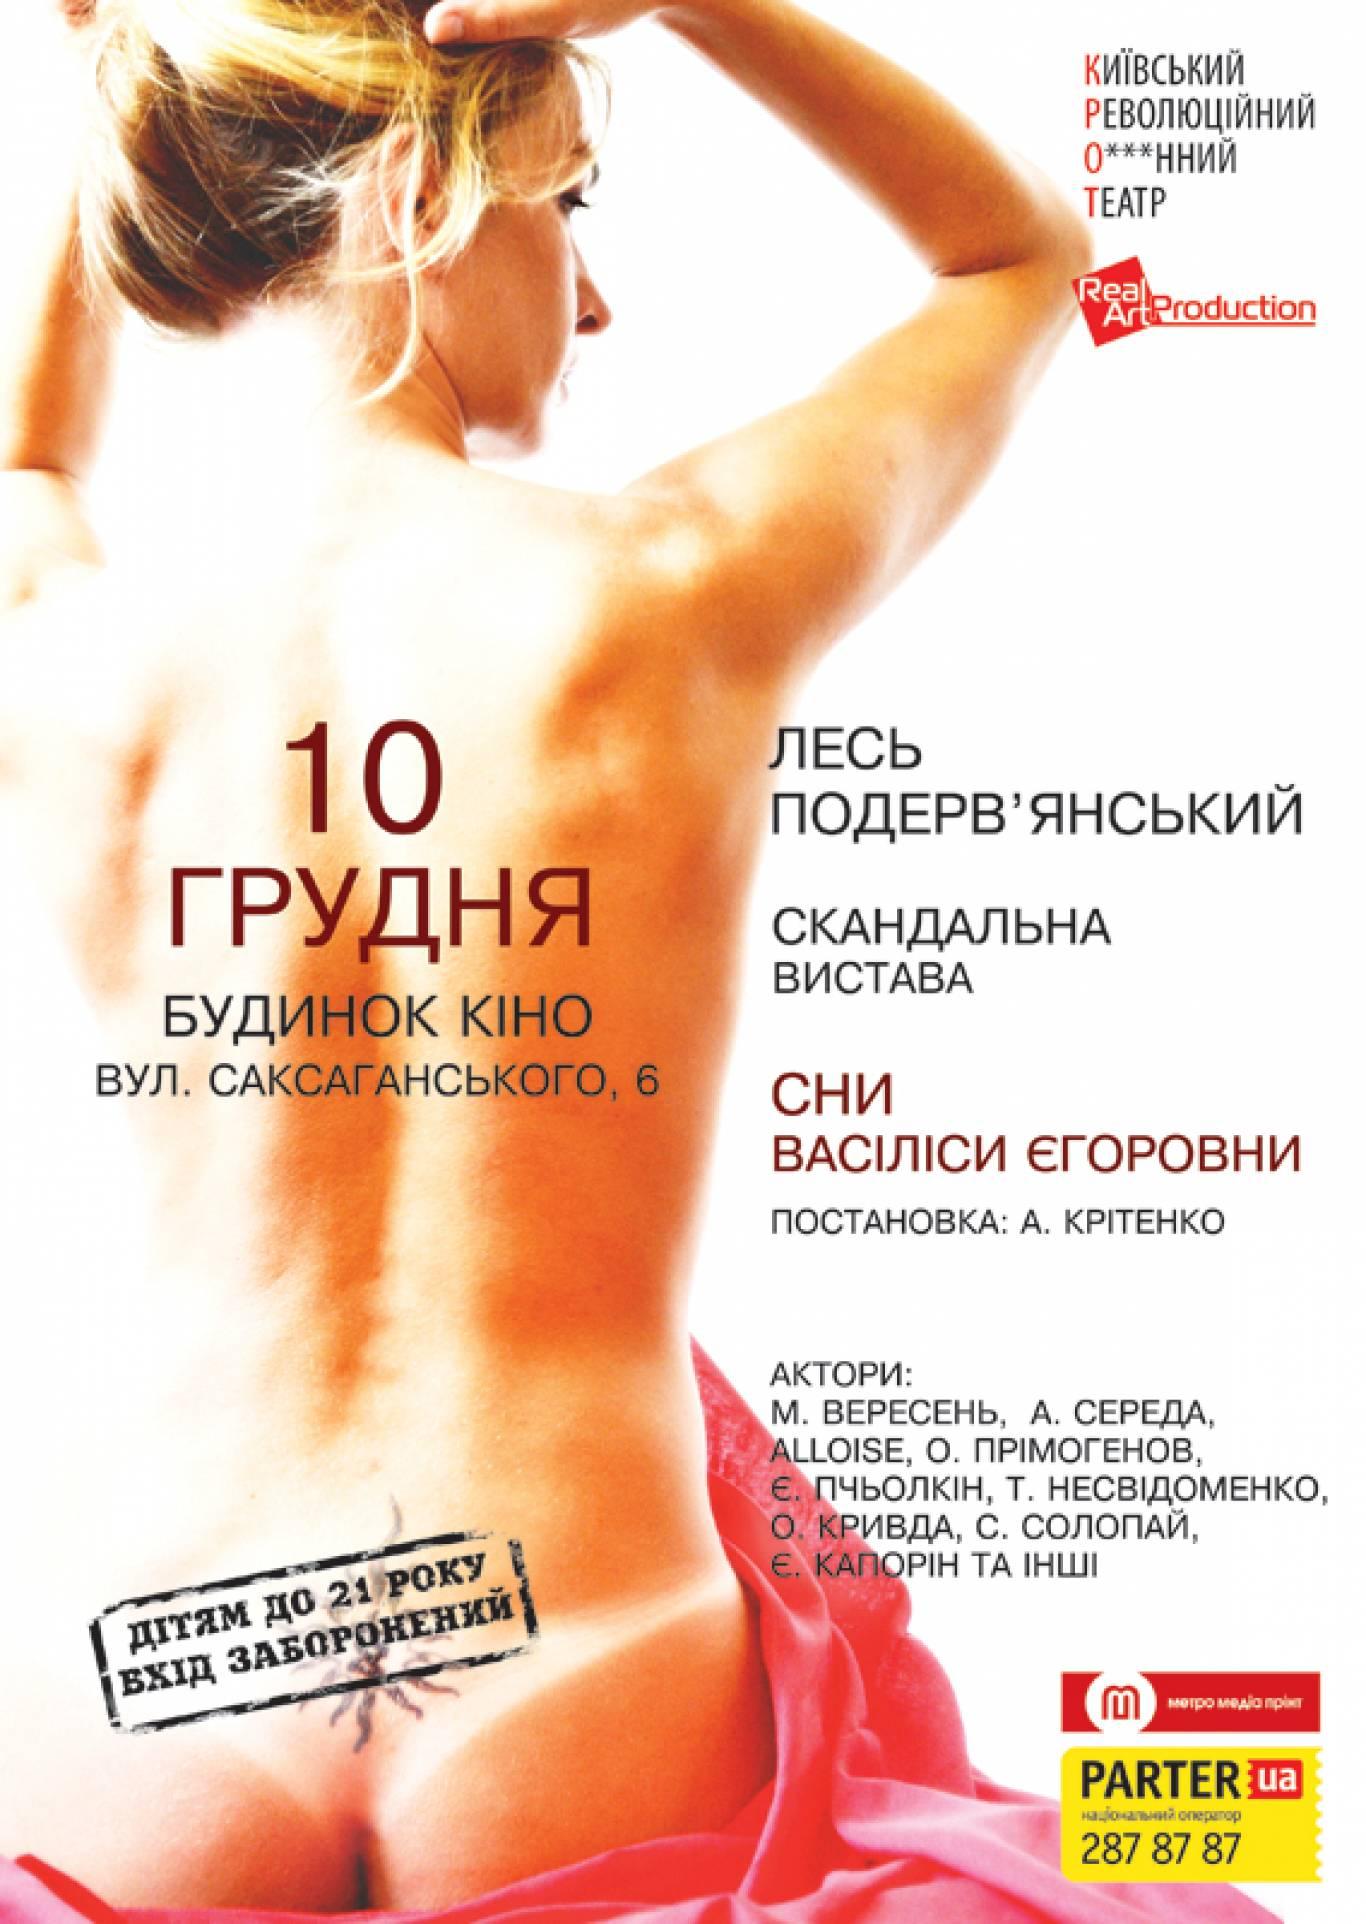 """Лесь Подерв'янський: вистава """"Сни Васіліси Єгоровни"""""""